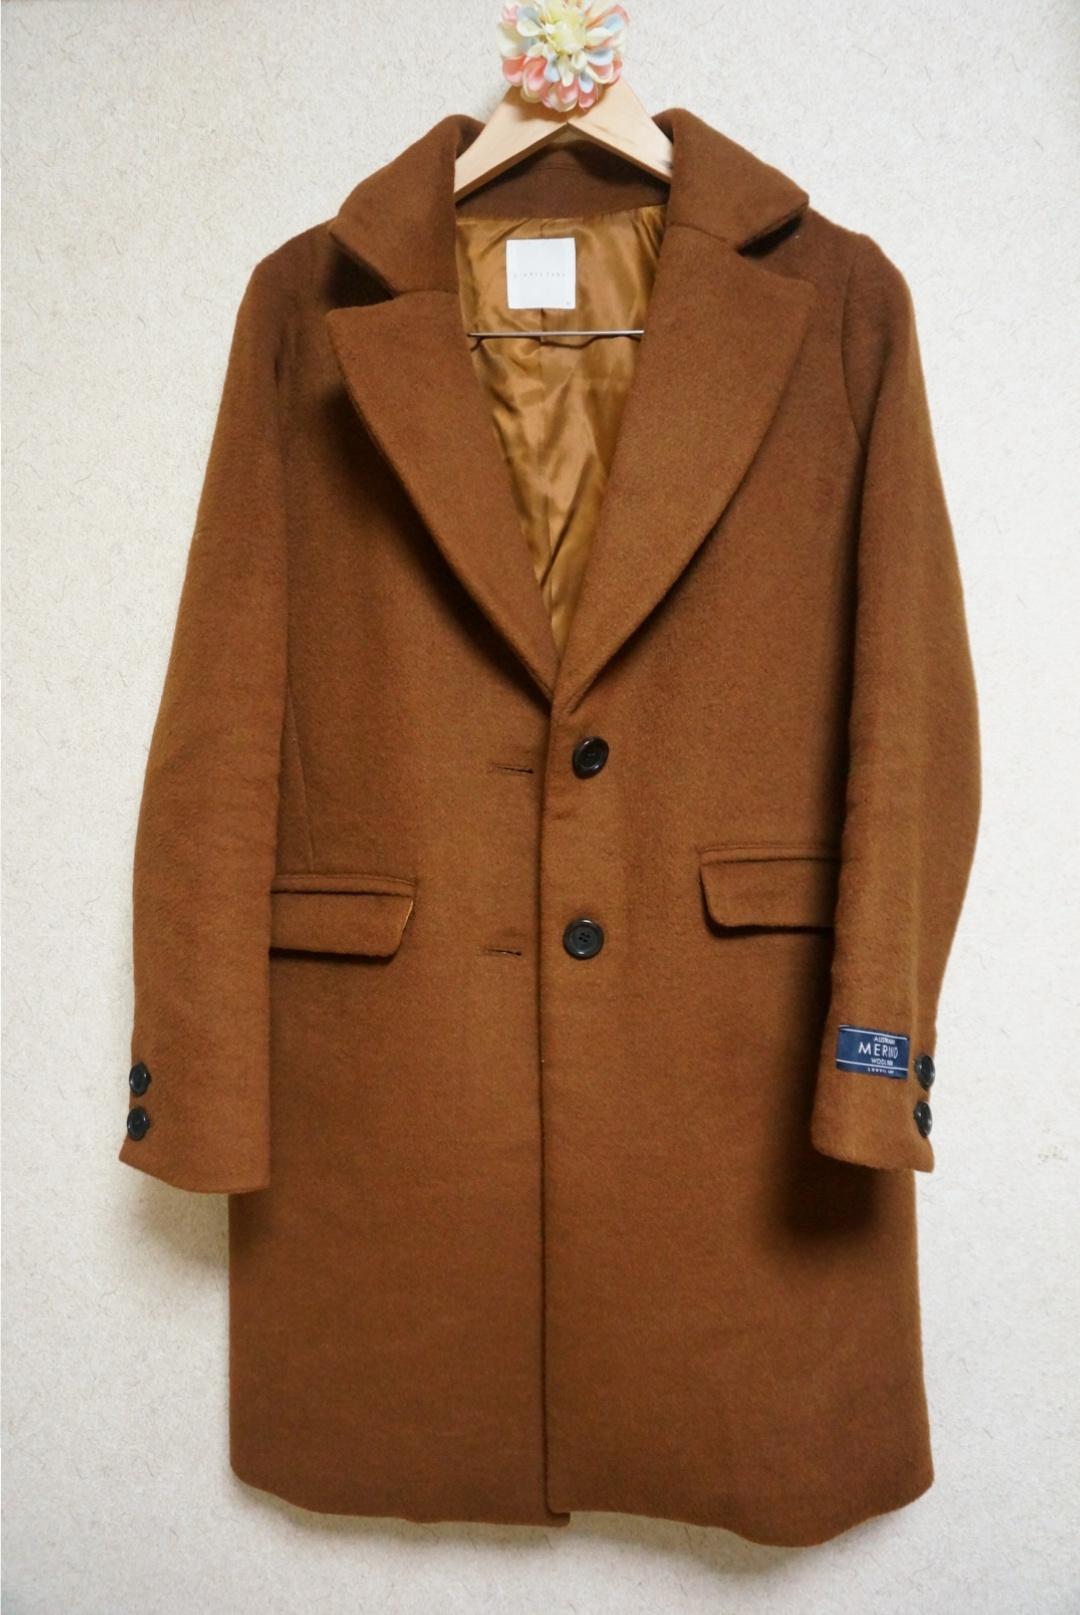 《1つは持っていたい!定番チェスターコート✨》メリノウール使用で暖かい‼スタイリッシュに着れるチェスターコートを最終SALEで半額でGET♪_1